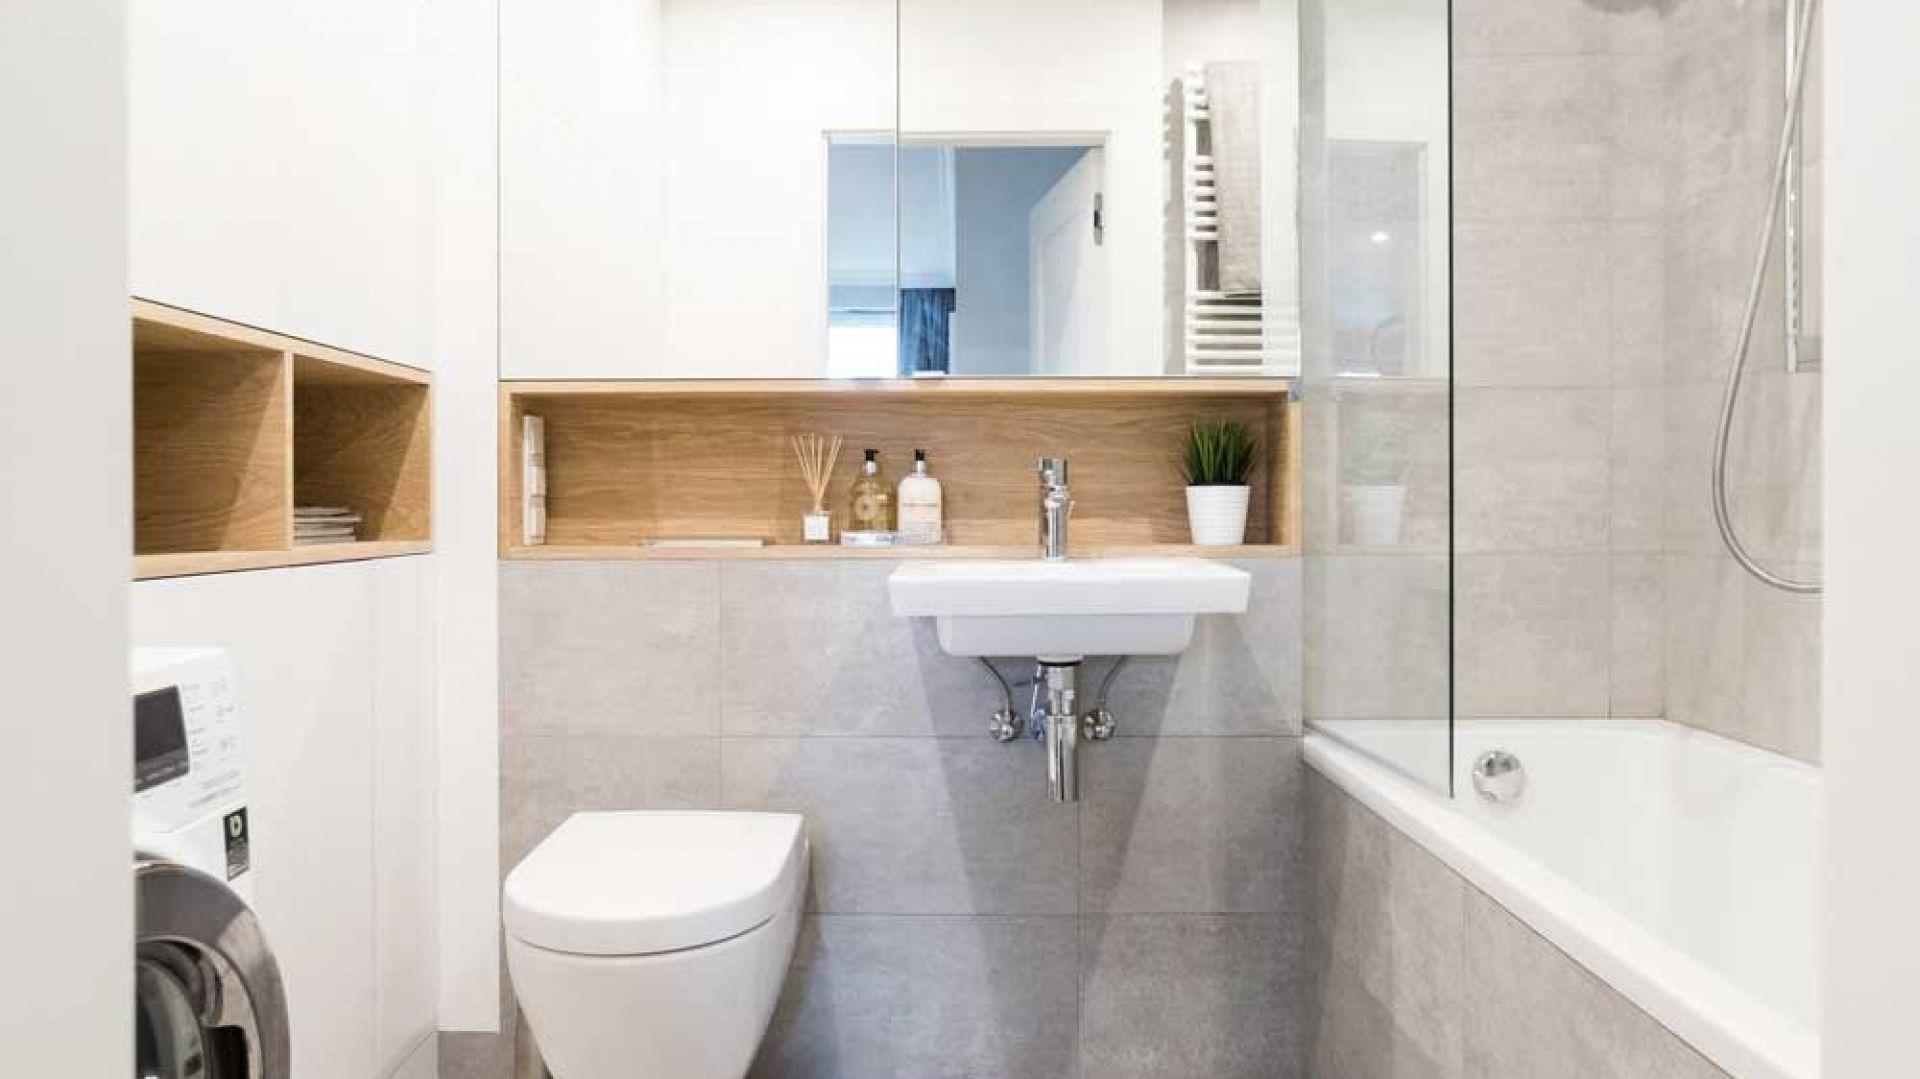 Schowki w łazience: Nad umywalką wysoka szafka z lustrzanymi drzwiczkami, a przy ścianie obok niezwykle pojemna zabudowa od podłogi do sufitu. Ponieważ w pomieszczeniu nie zmieściłaby się szafa o głębokości 70 cm, zdecydowano się na płytszą. Nie udało się więc ukryć pralki. Nie szkodzi, łazienka i tak wygląda bardzo estetycznie. Proj. Małgorzata Górska-Niwińska, Pracownia Architektoniczna MGN.